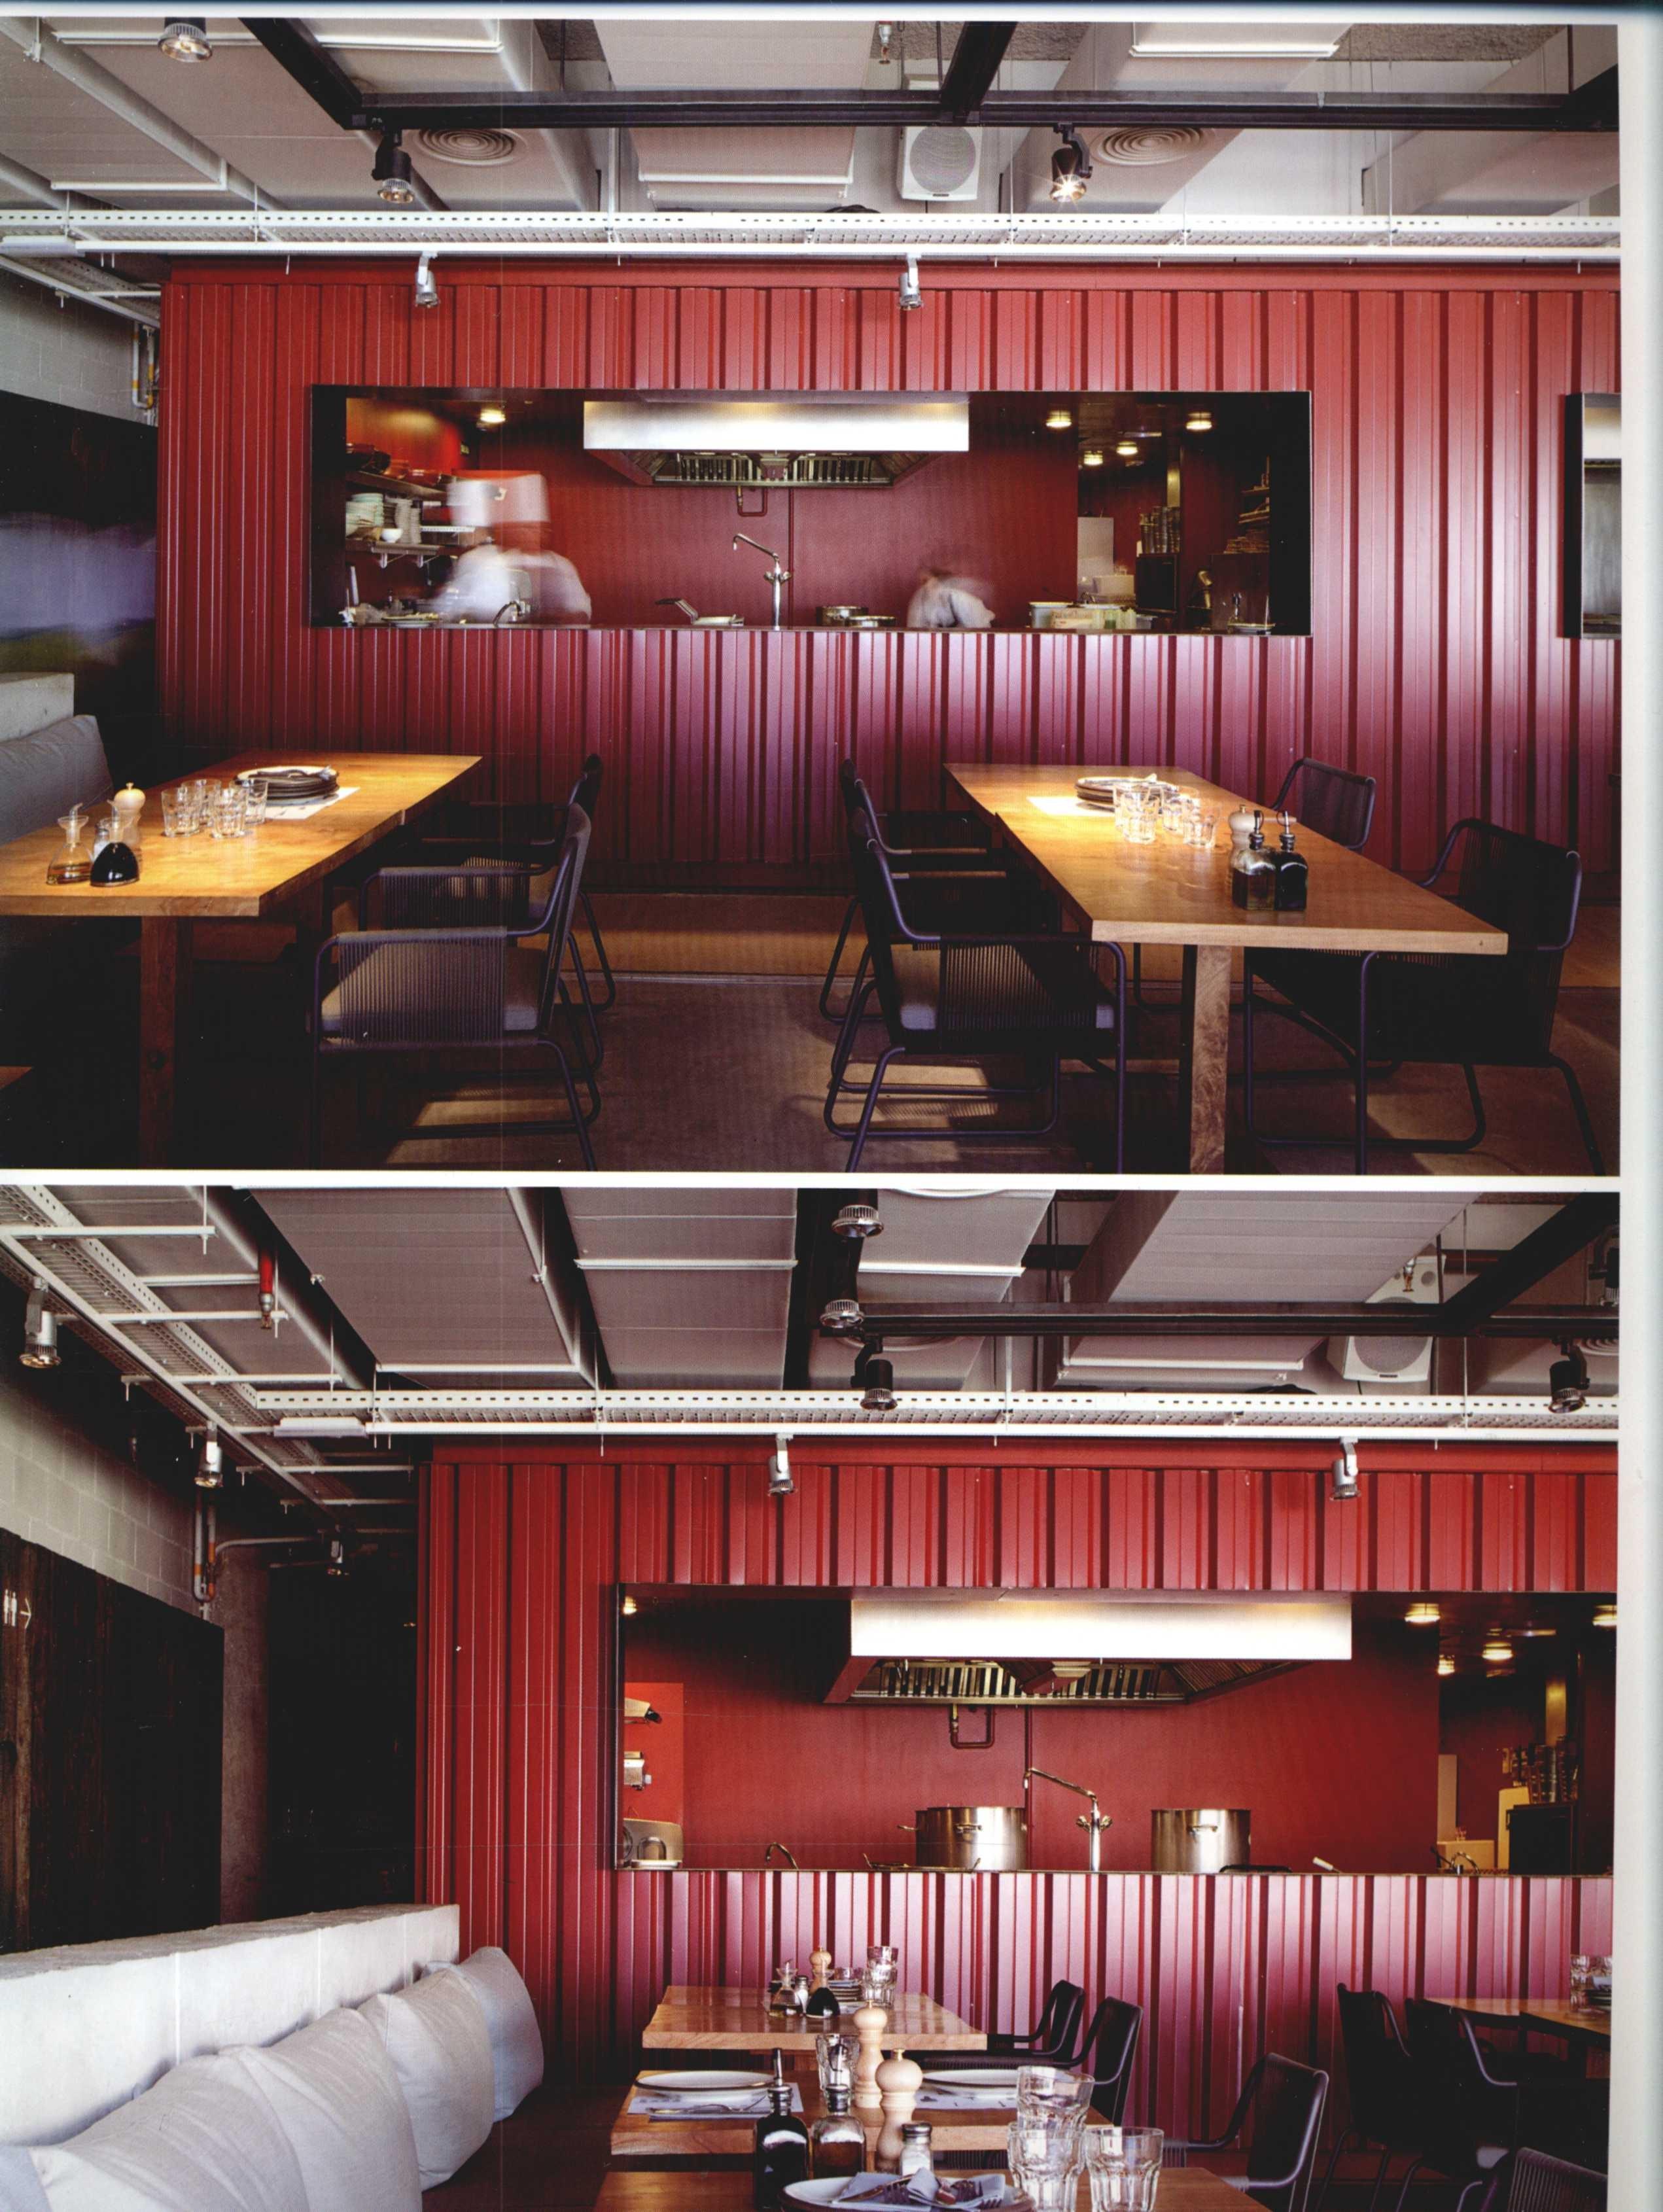 2012全球室内设计年鉴  餐饮_Page_141.jpg